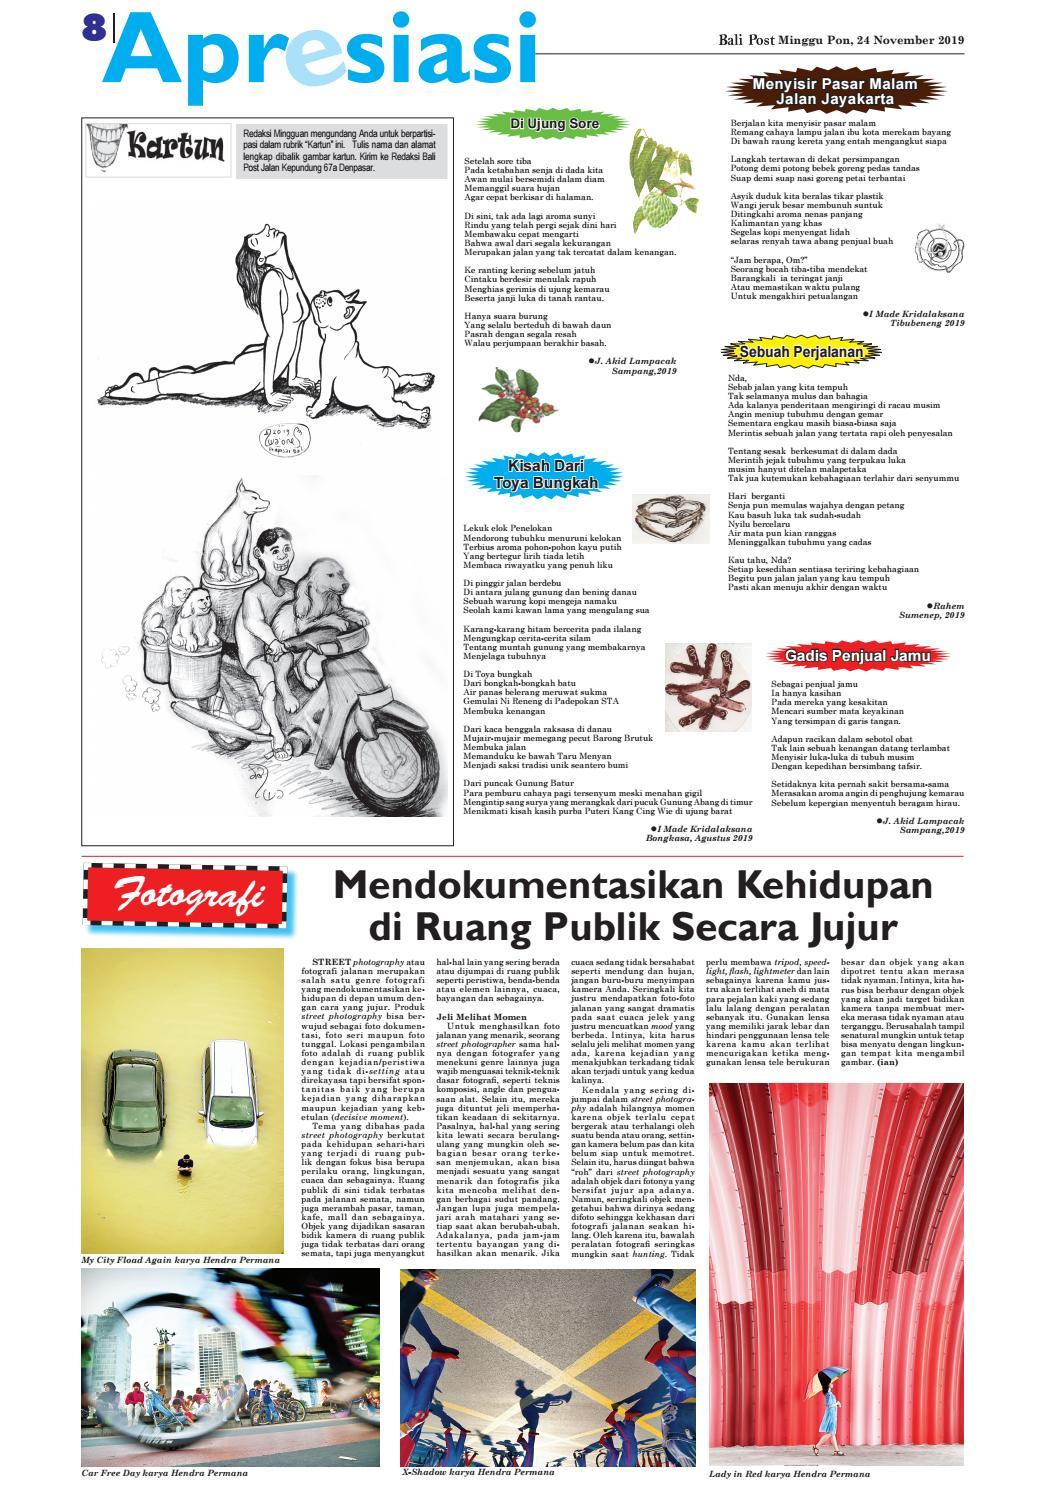 Edisi Minggu 24 Nopember 2019 Balipost Com Vebuka Com